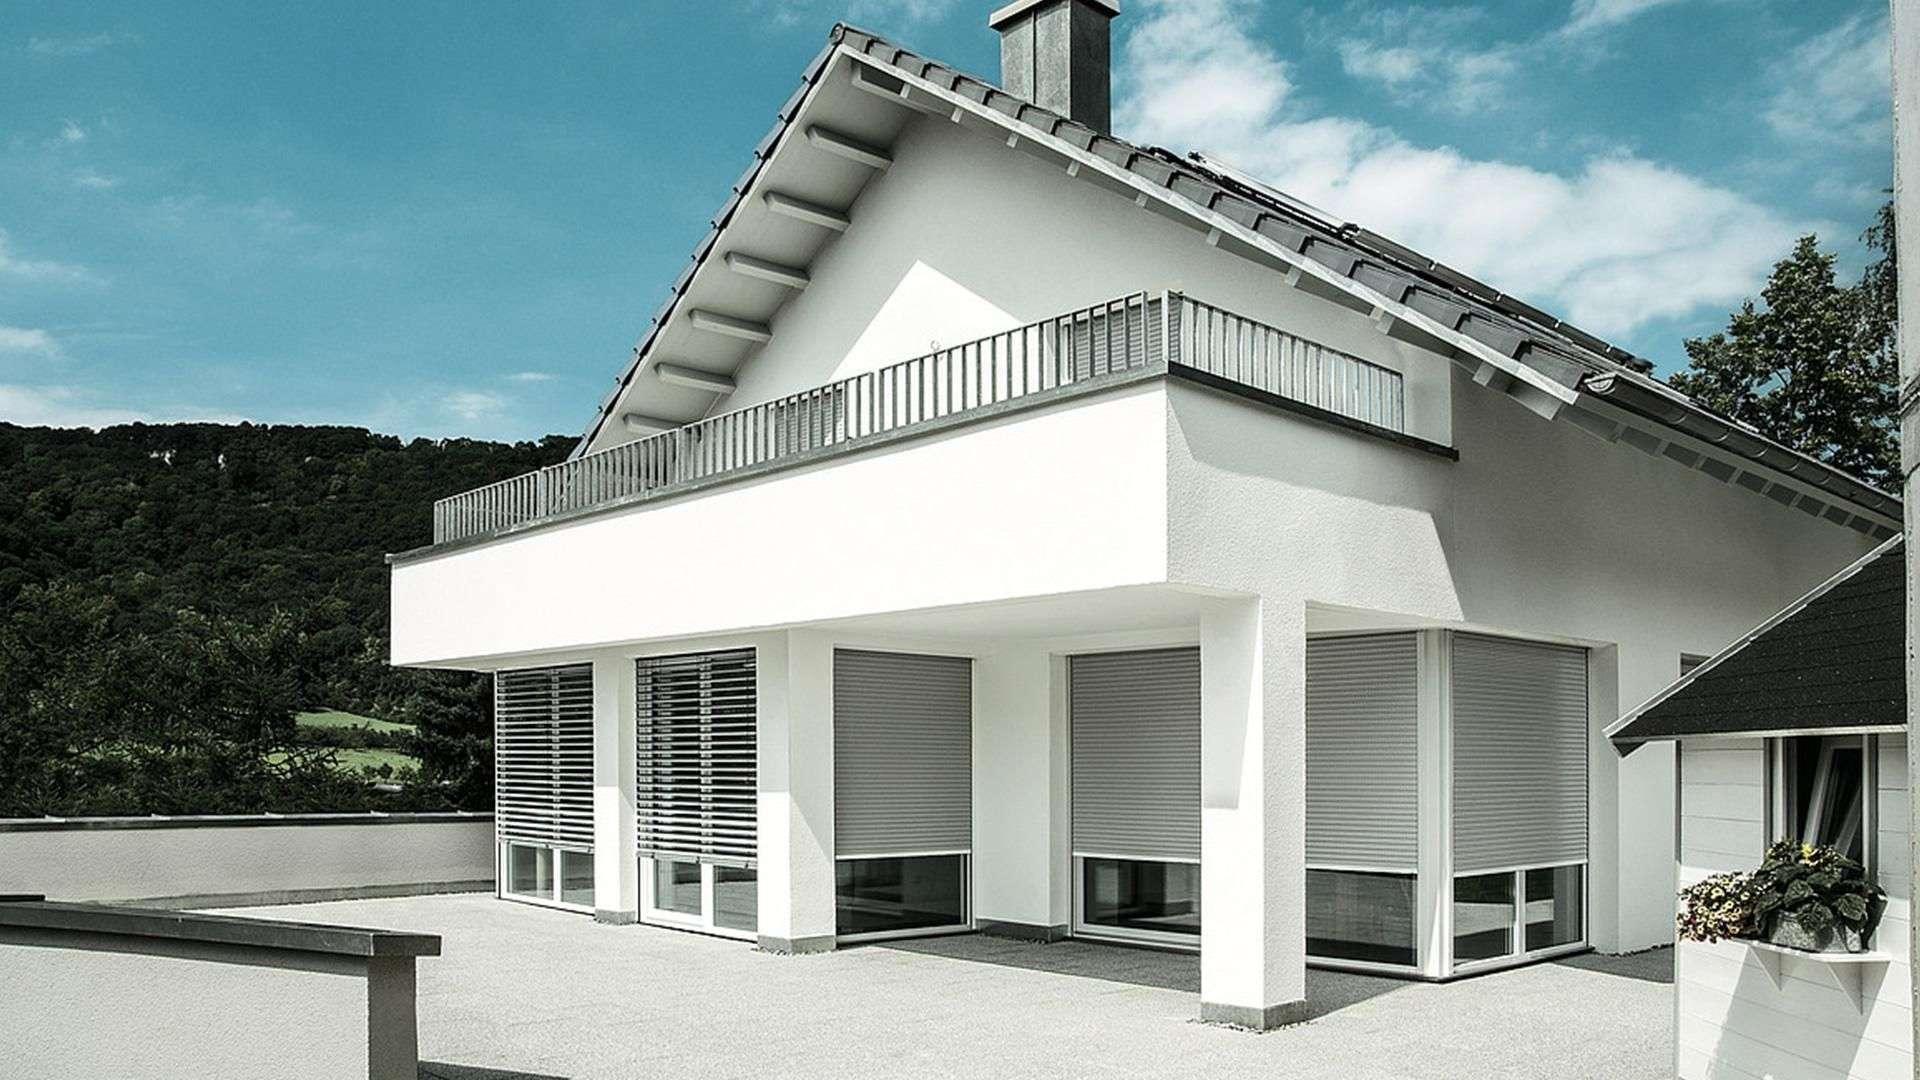 Wohnhaus mit bodentiefen Fenstern mit halb-runtergelassenen Rollläden